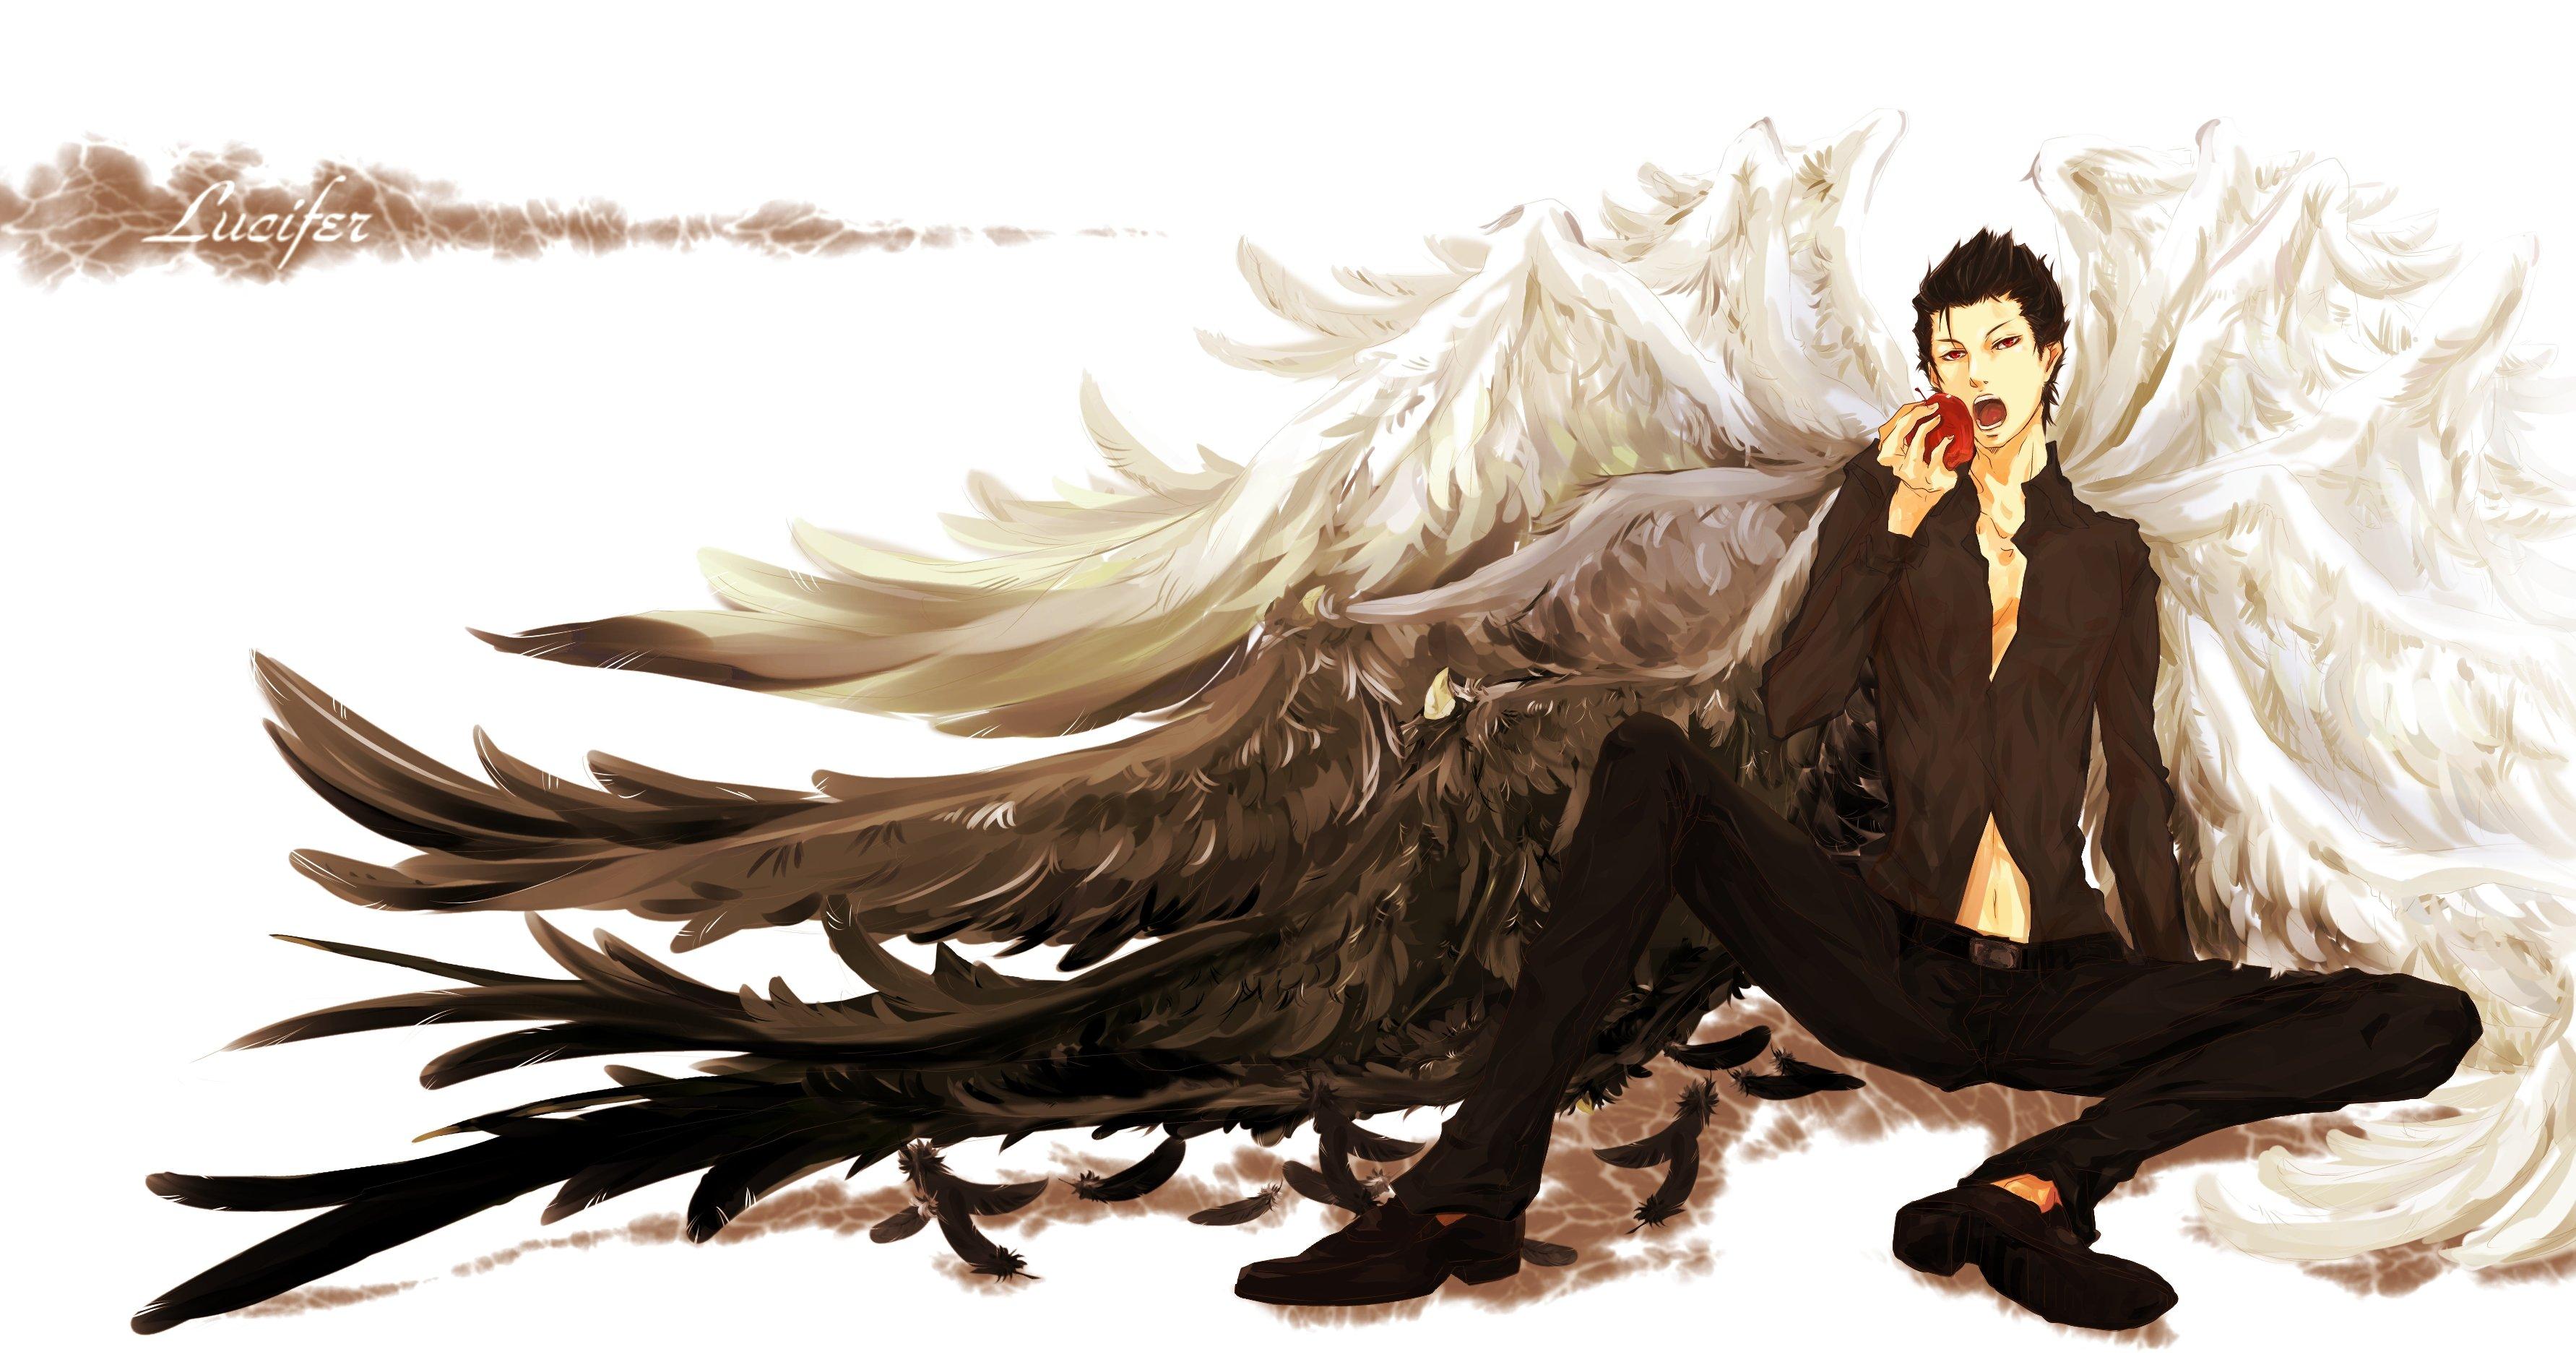 Wings short hair male anime apples black hair wallpaper ...